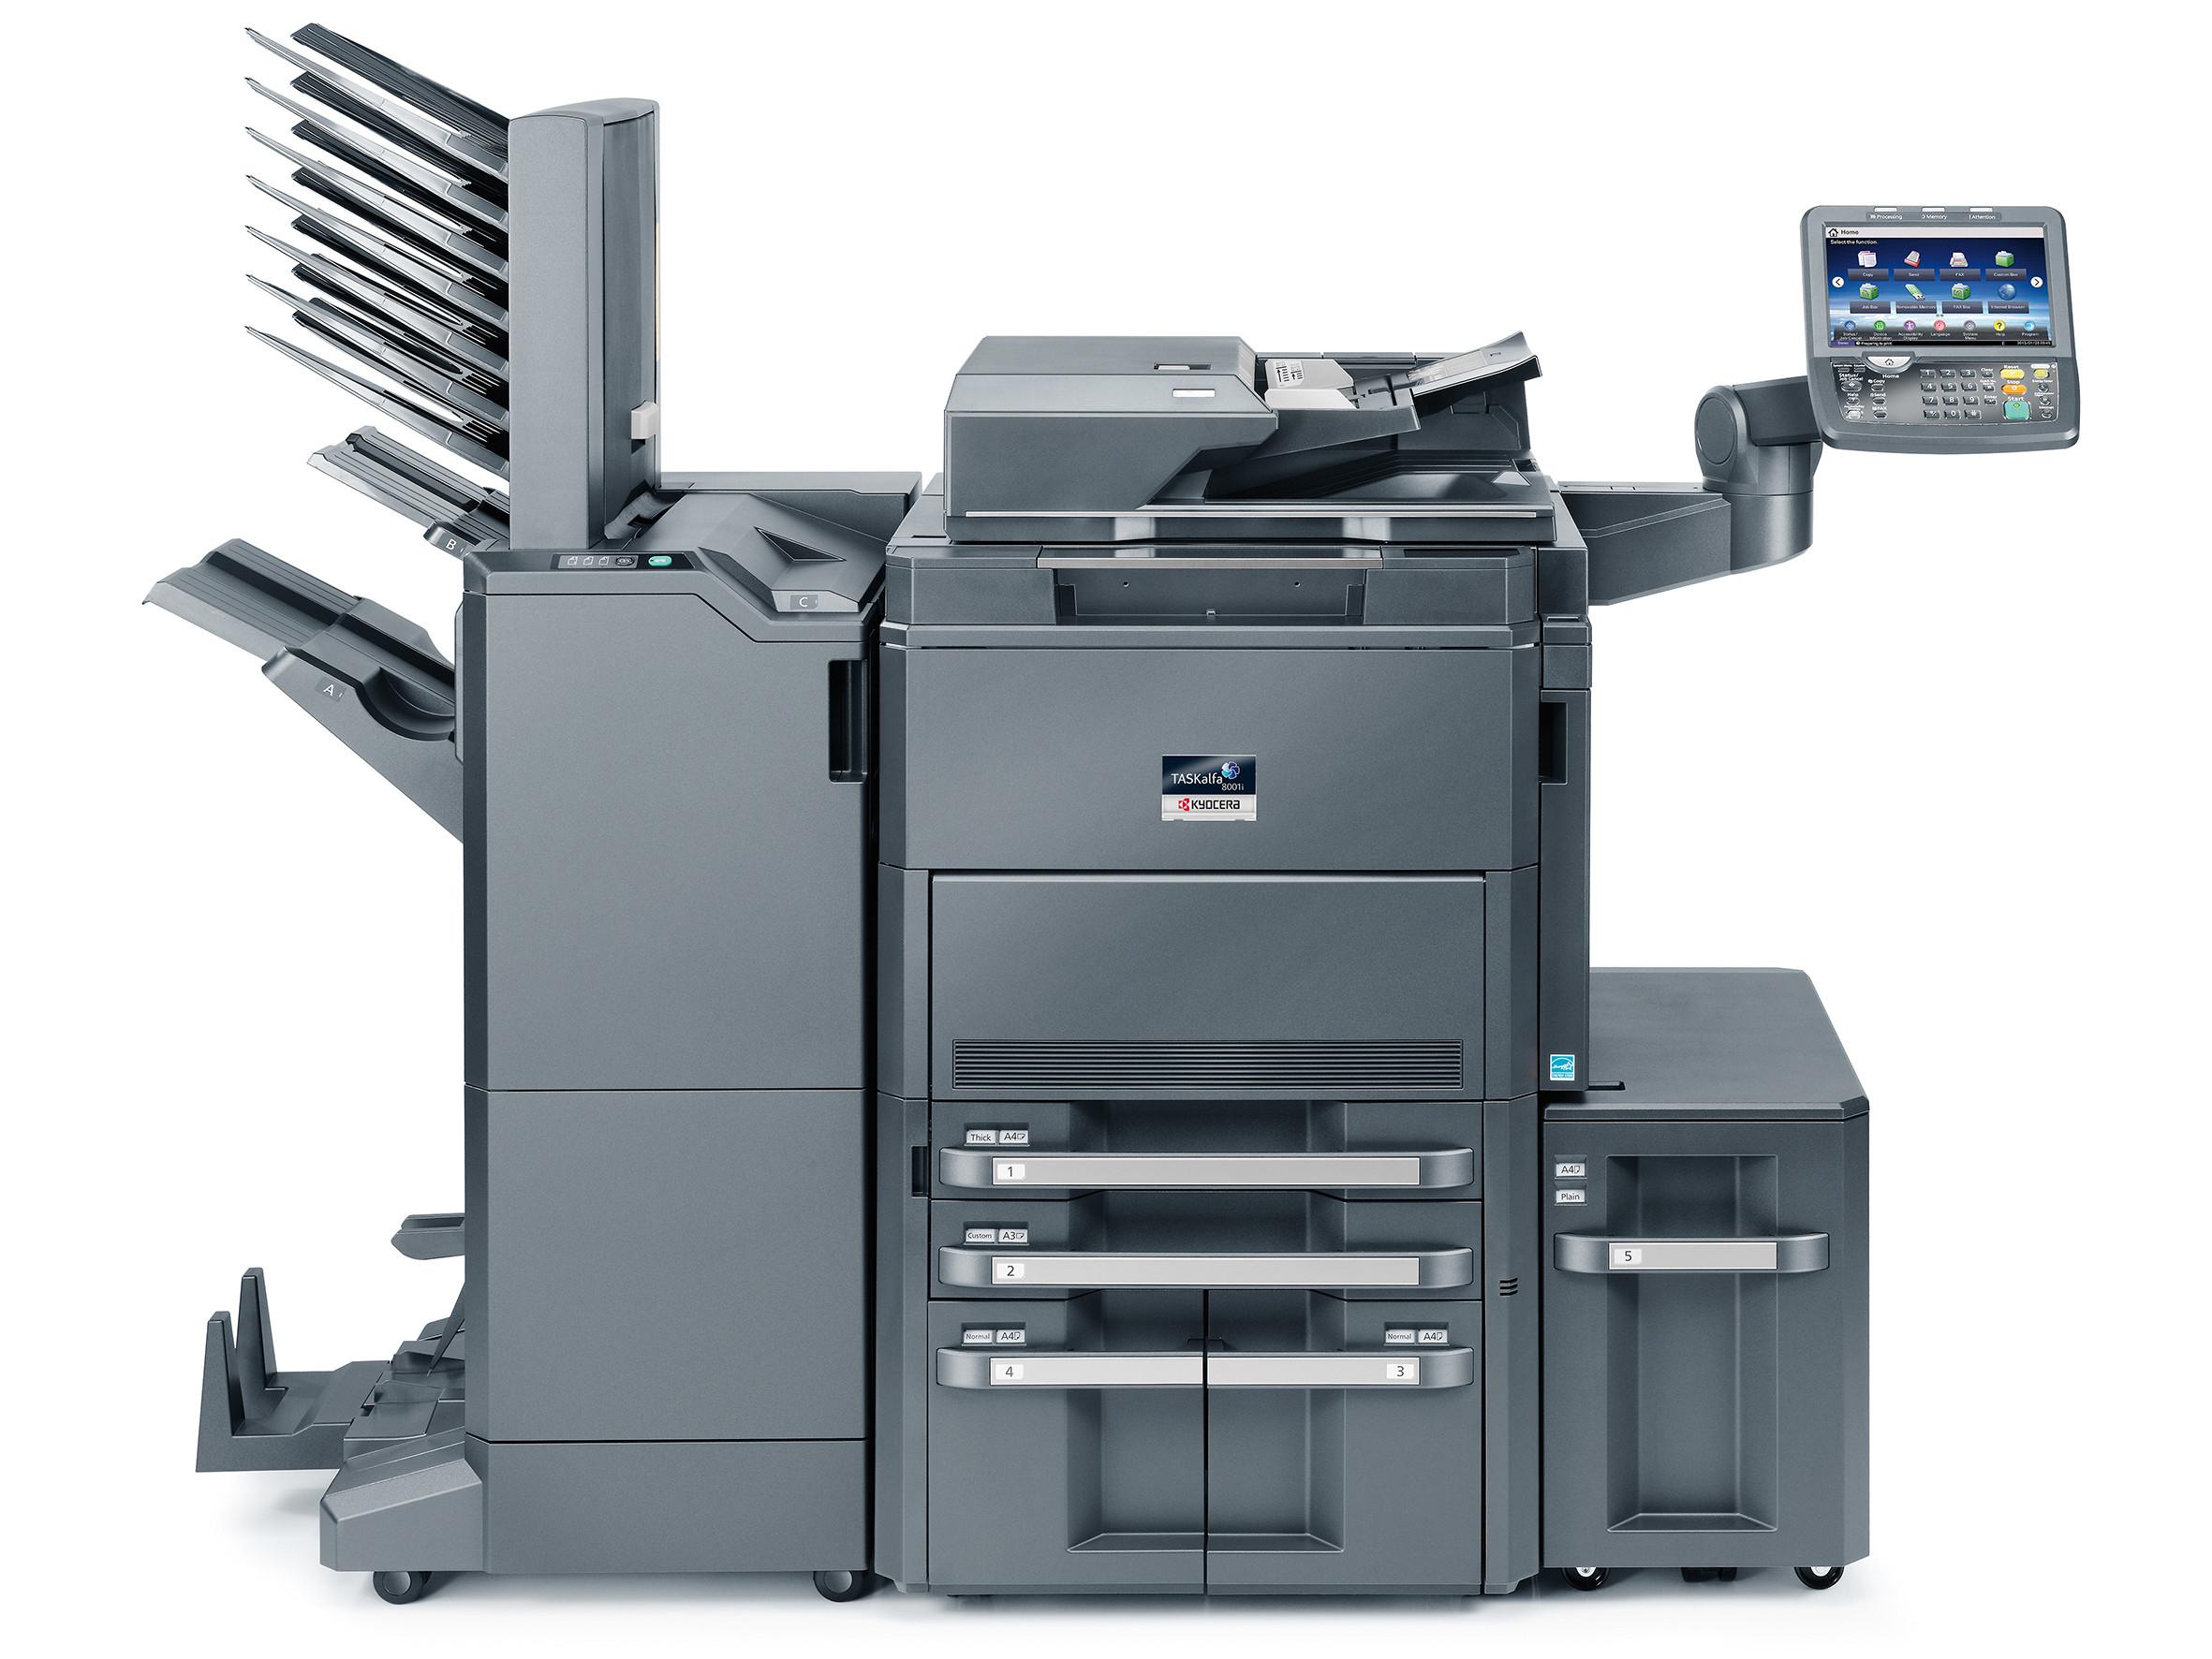 TASKalfa 6501i